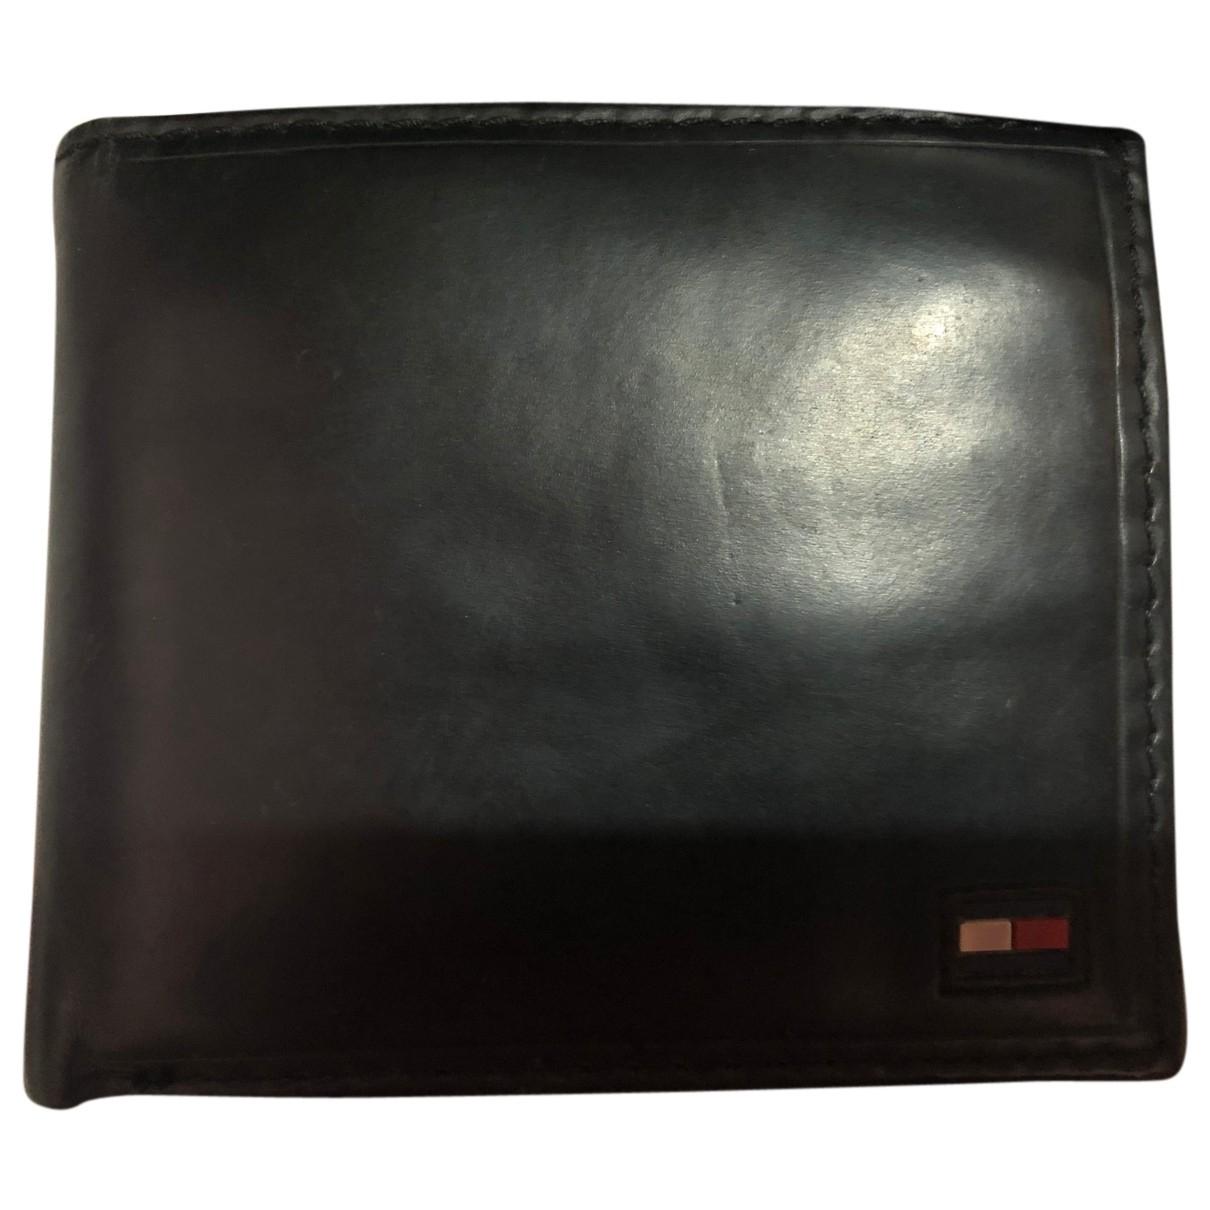 Tommy Hilfiger - Petite maroquinerie   pour homme en cuir - noir